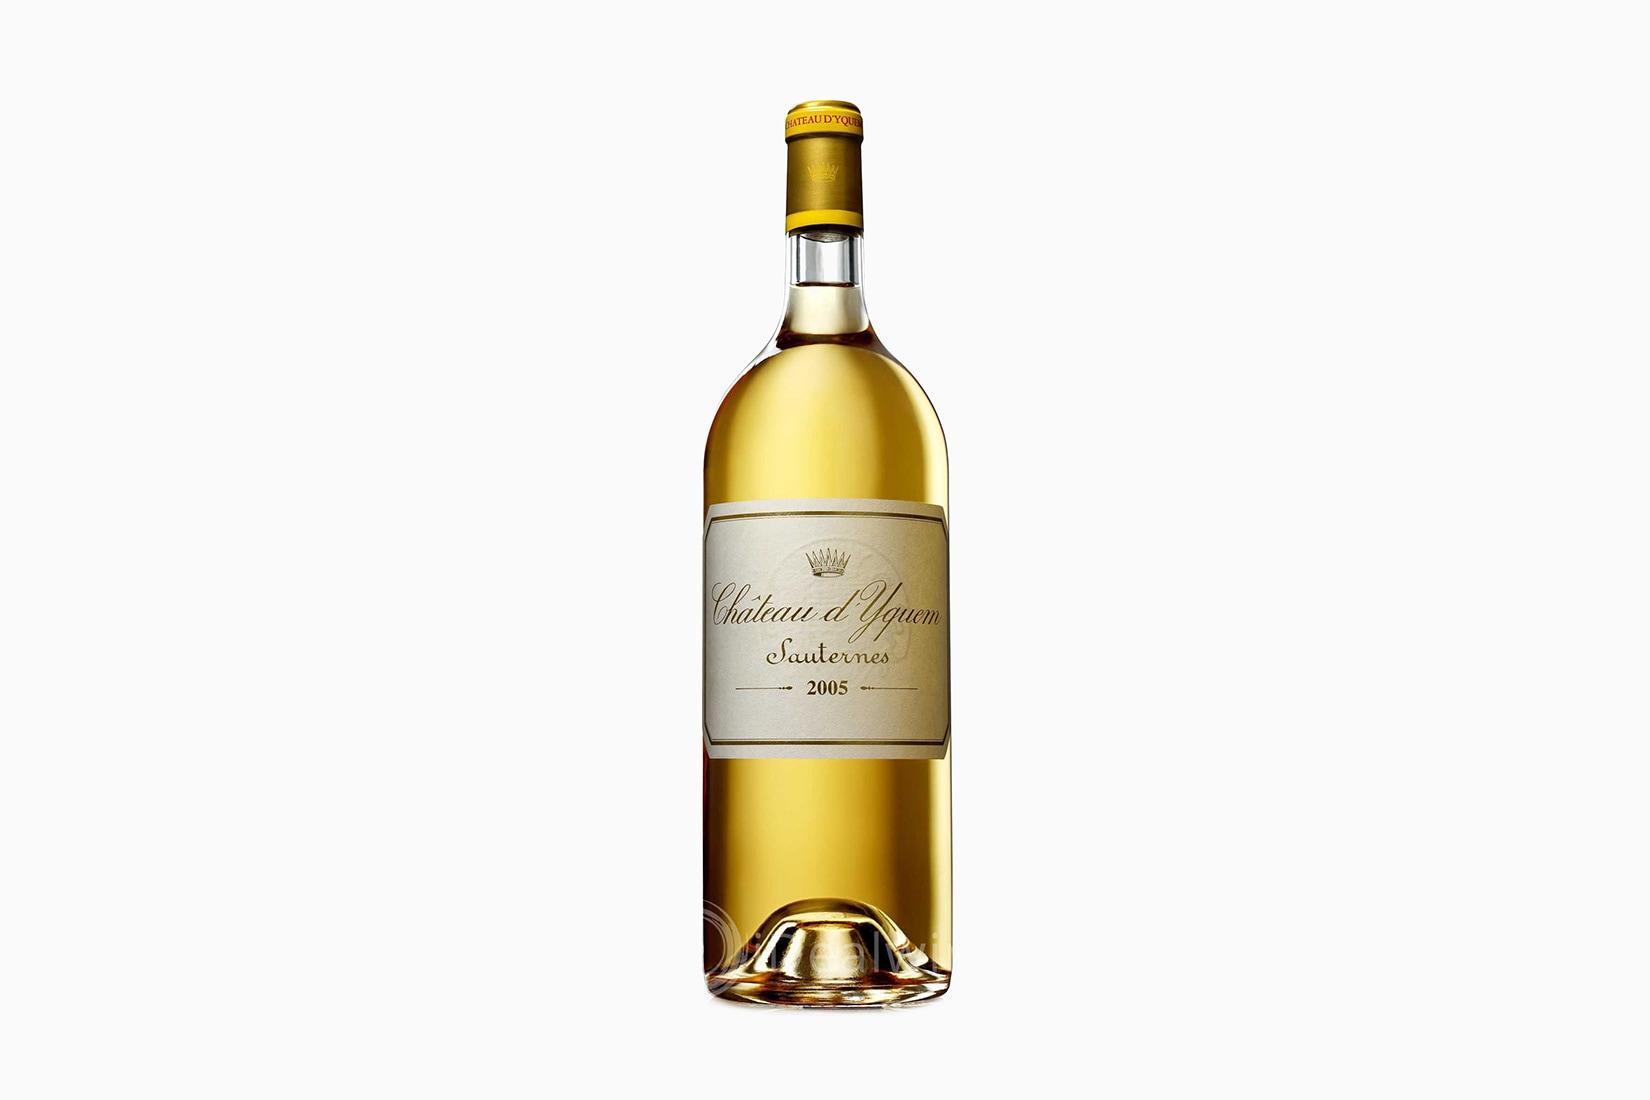 best wine chateau d'yquem sauternes - Luxe Digital